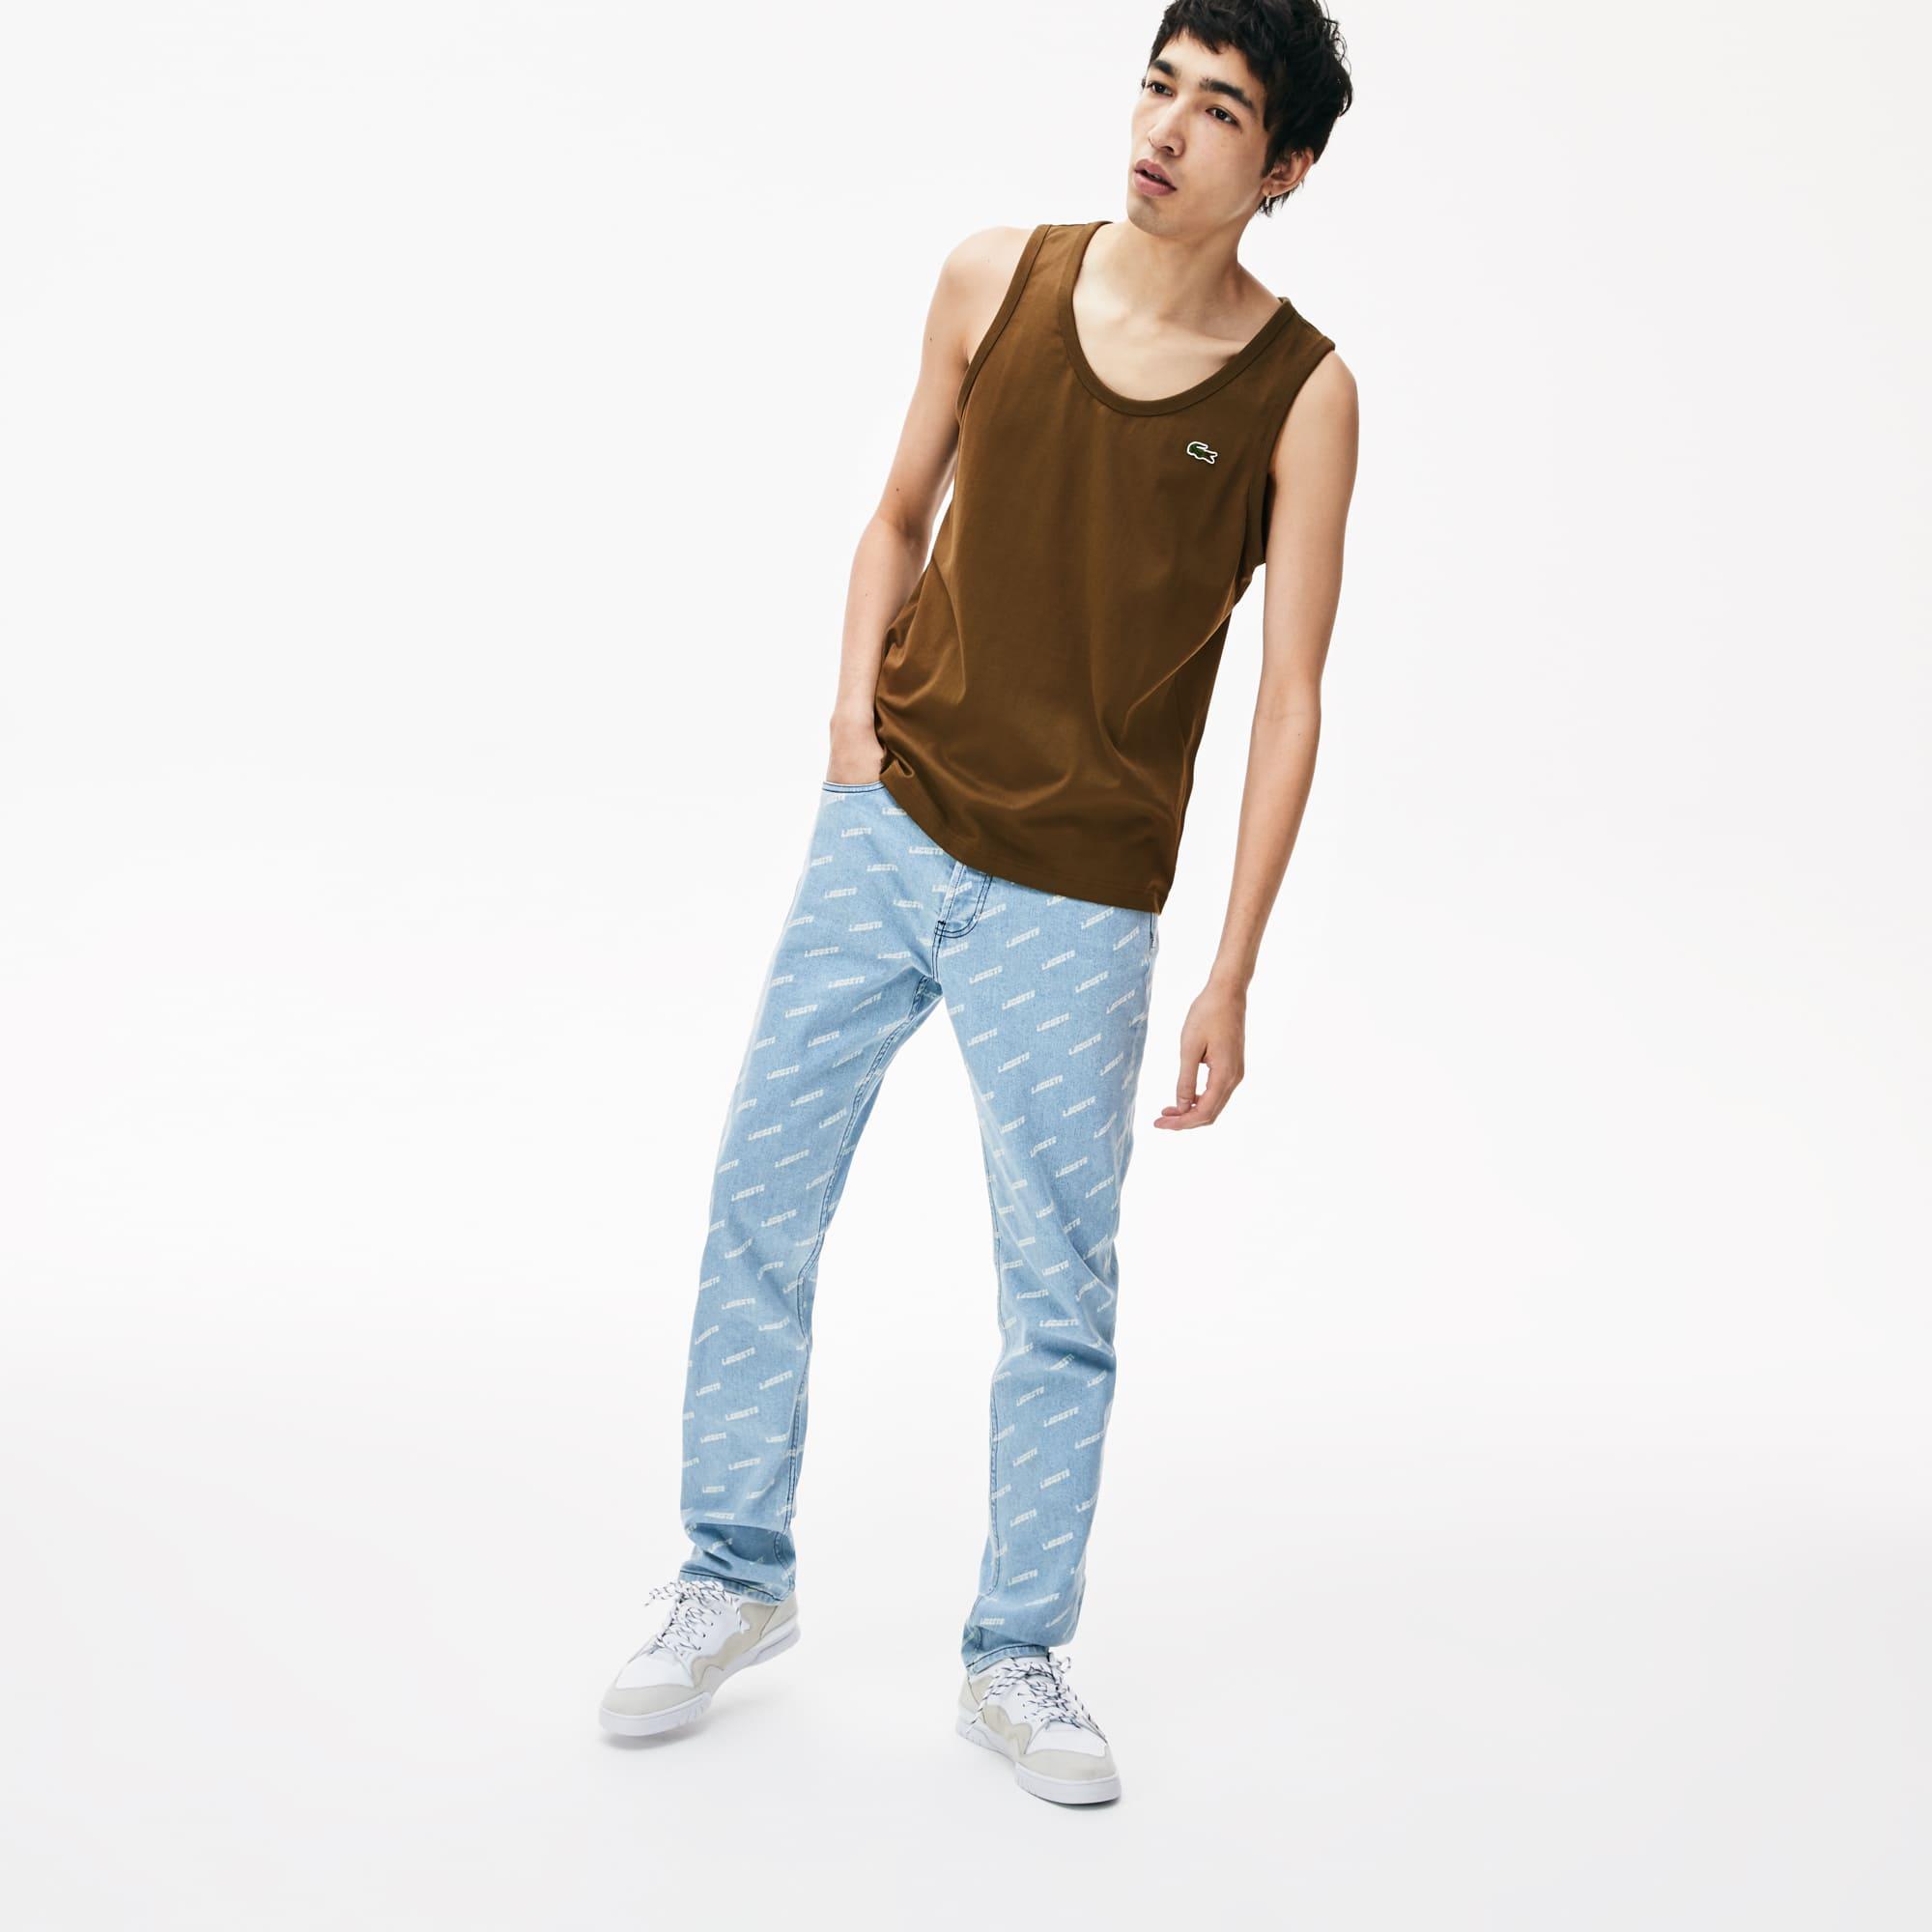 c6a472c9b6e31 Débardeur Lacoste LIVE en jersey de coton avec poche